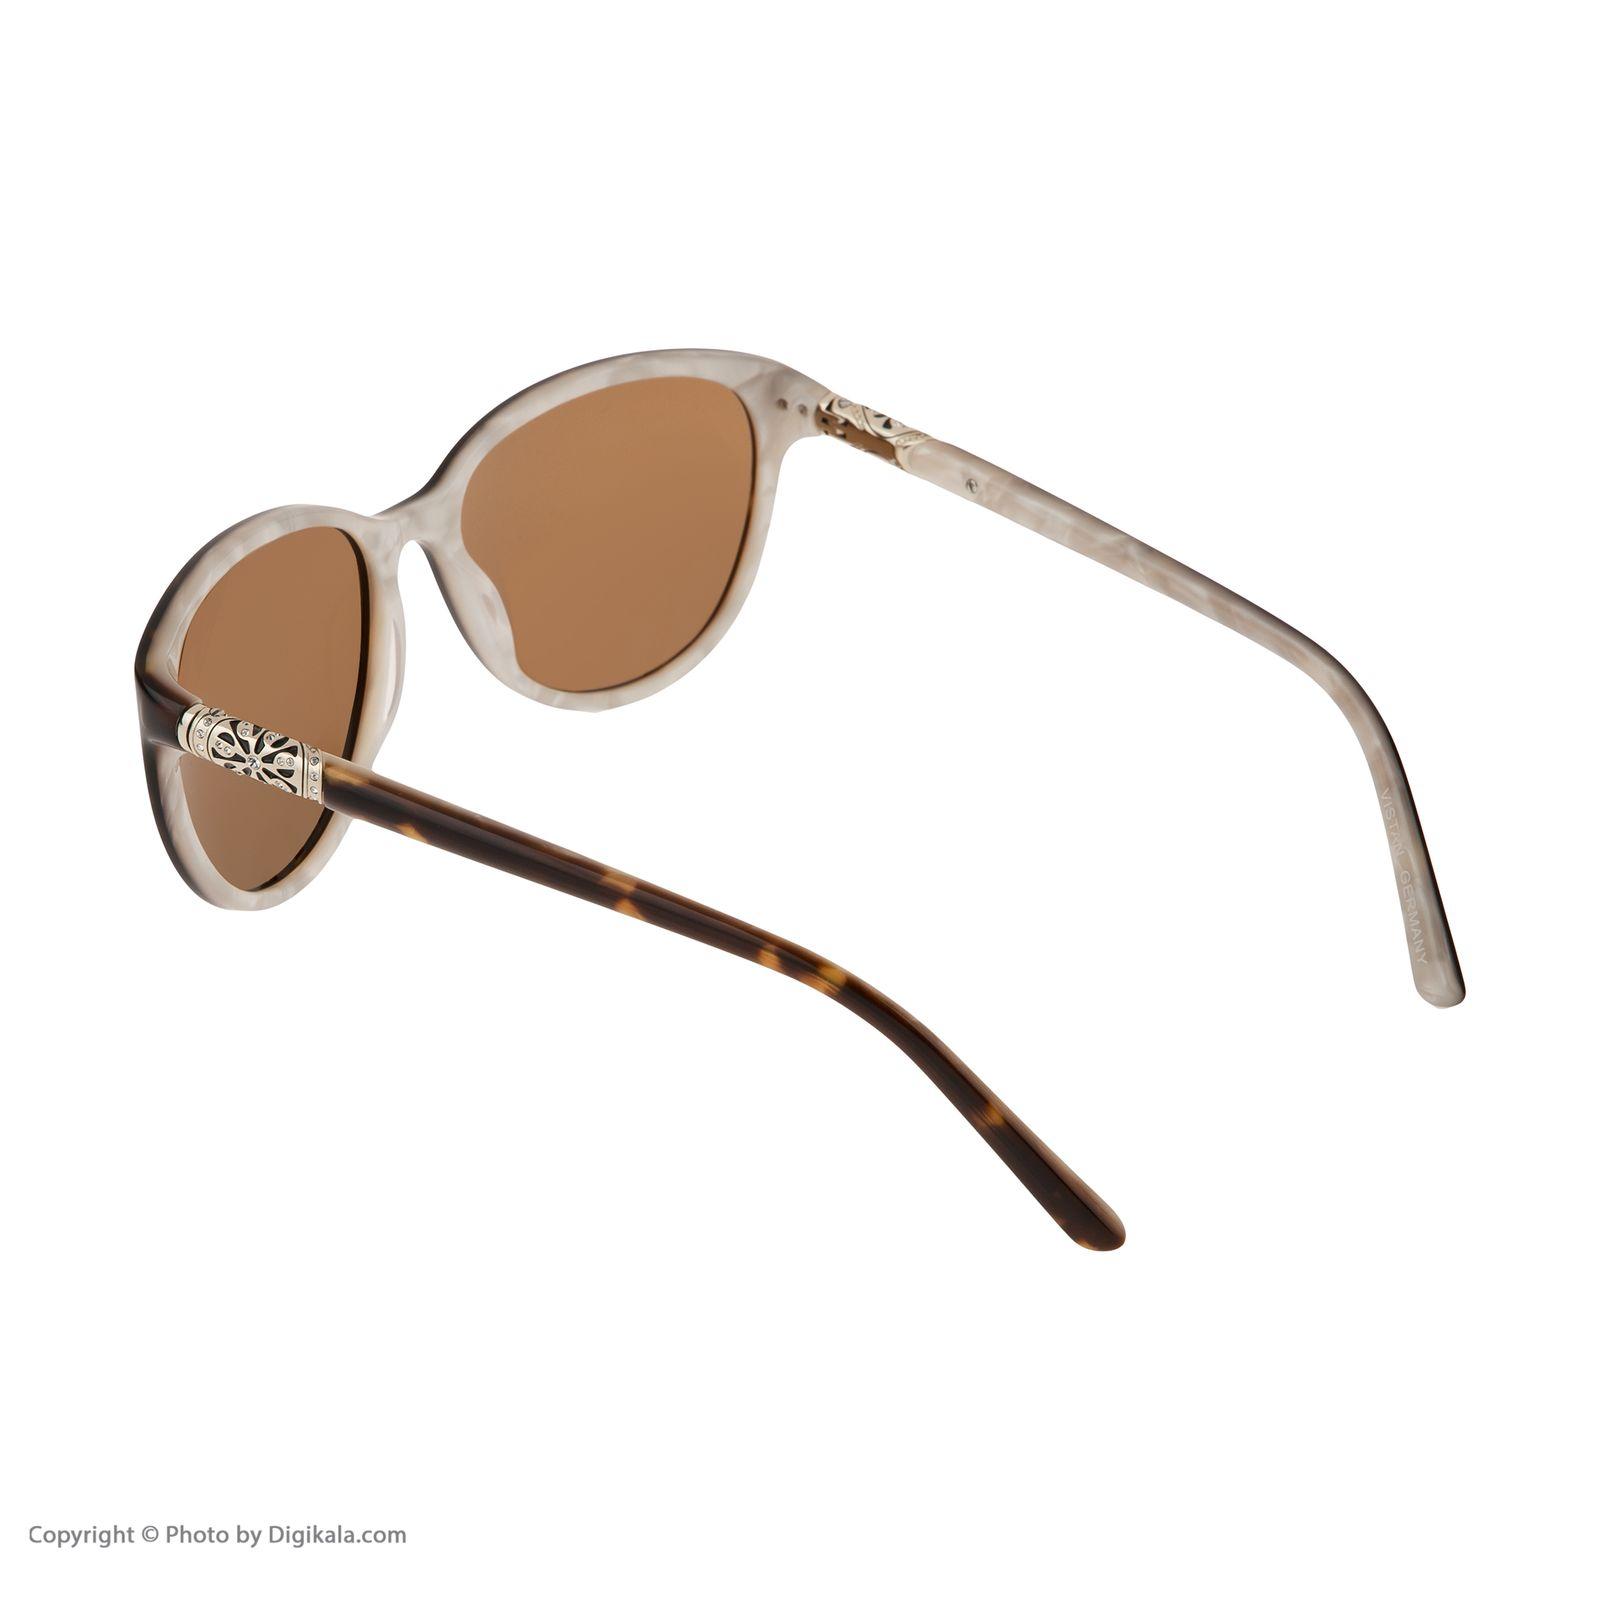 عینک آفتابی زنانه ویستان مدل 7950003 -  - 4